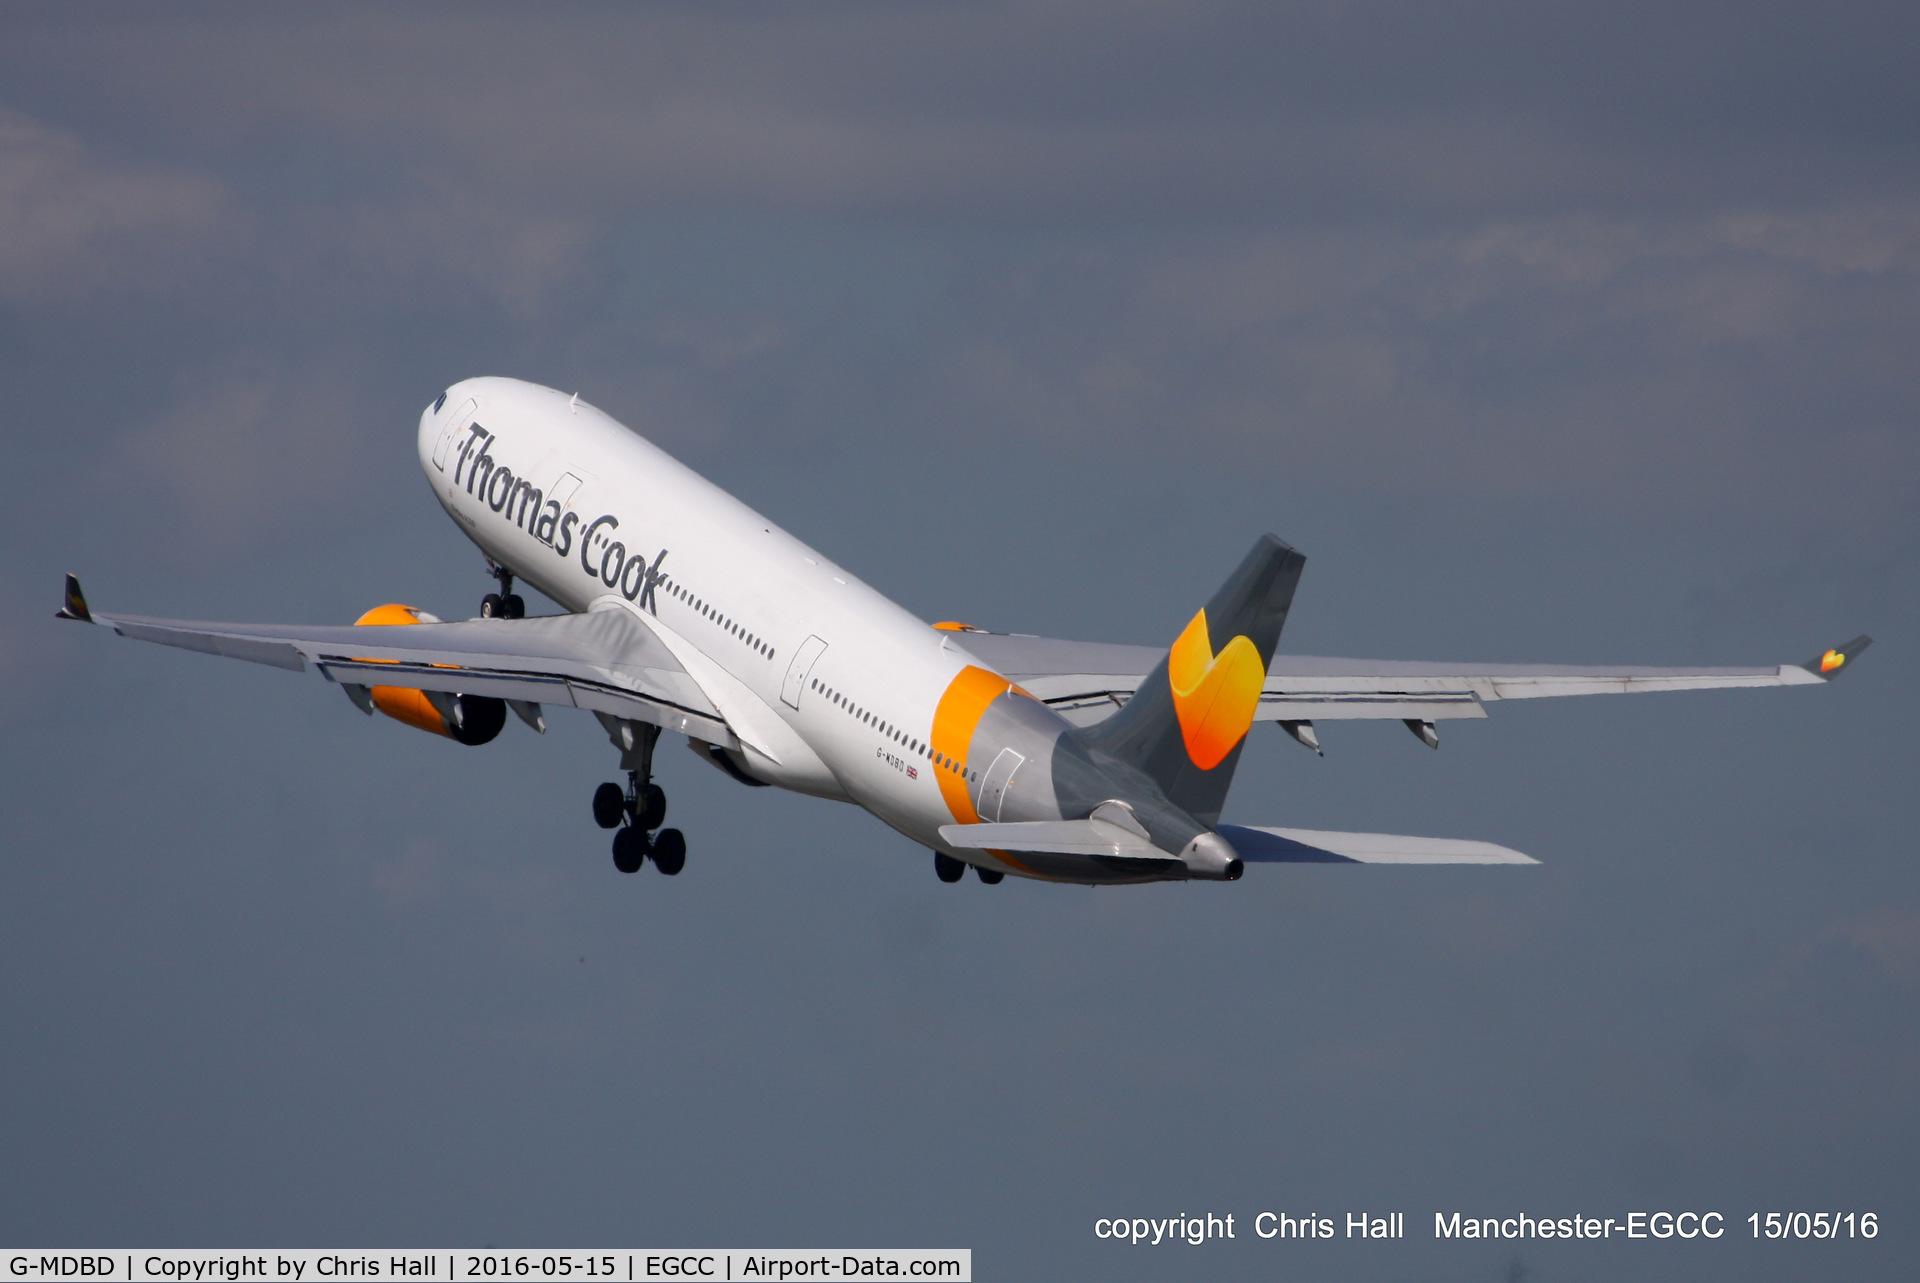 G-MDBD, 1999 Airbus A330-243 C/N 266, Thomas Cook